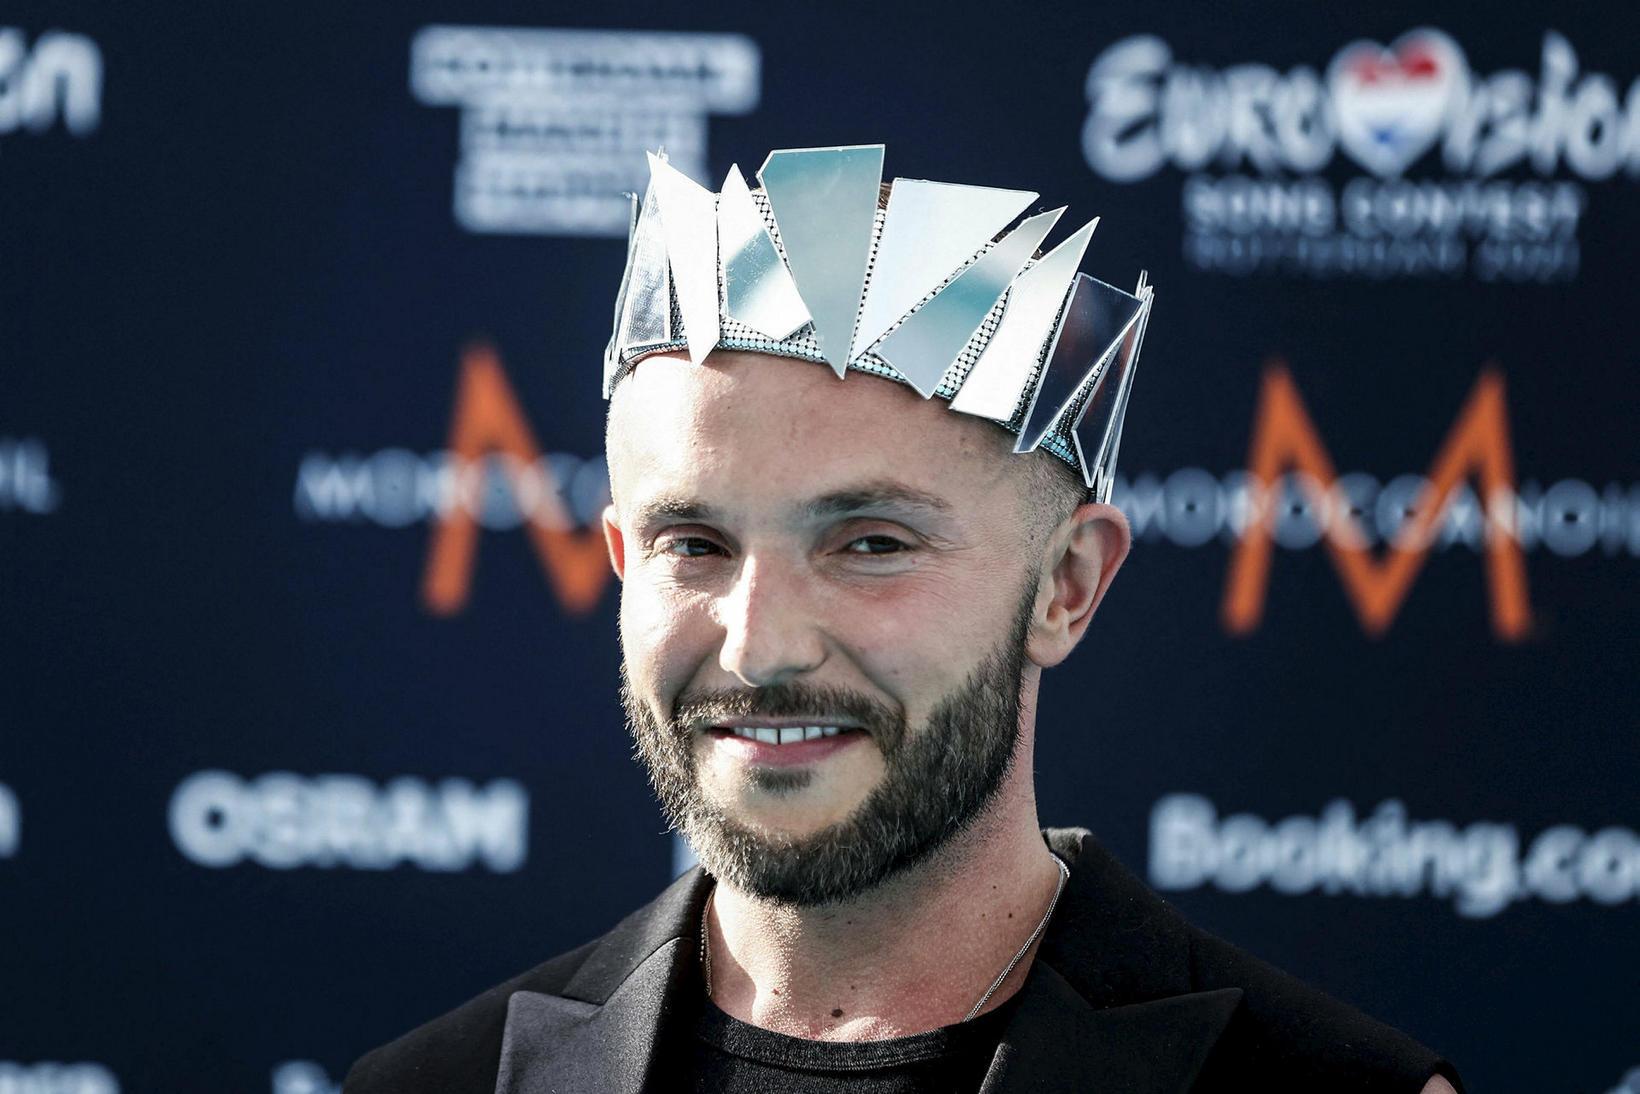 Contestant Vasil frá Norður-Makedóníu.